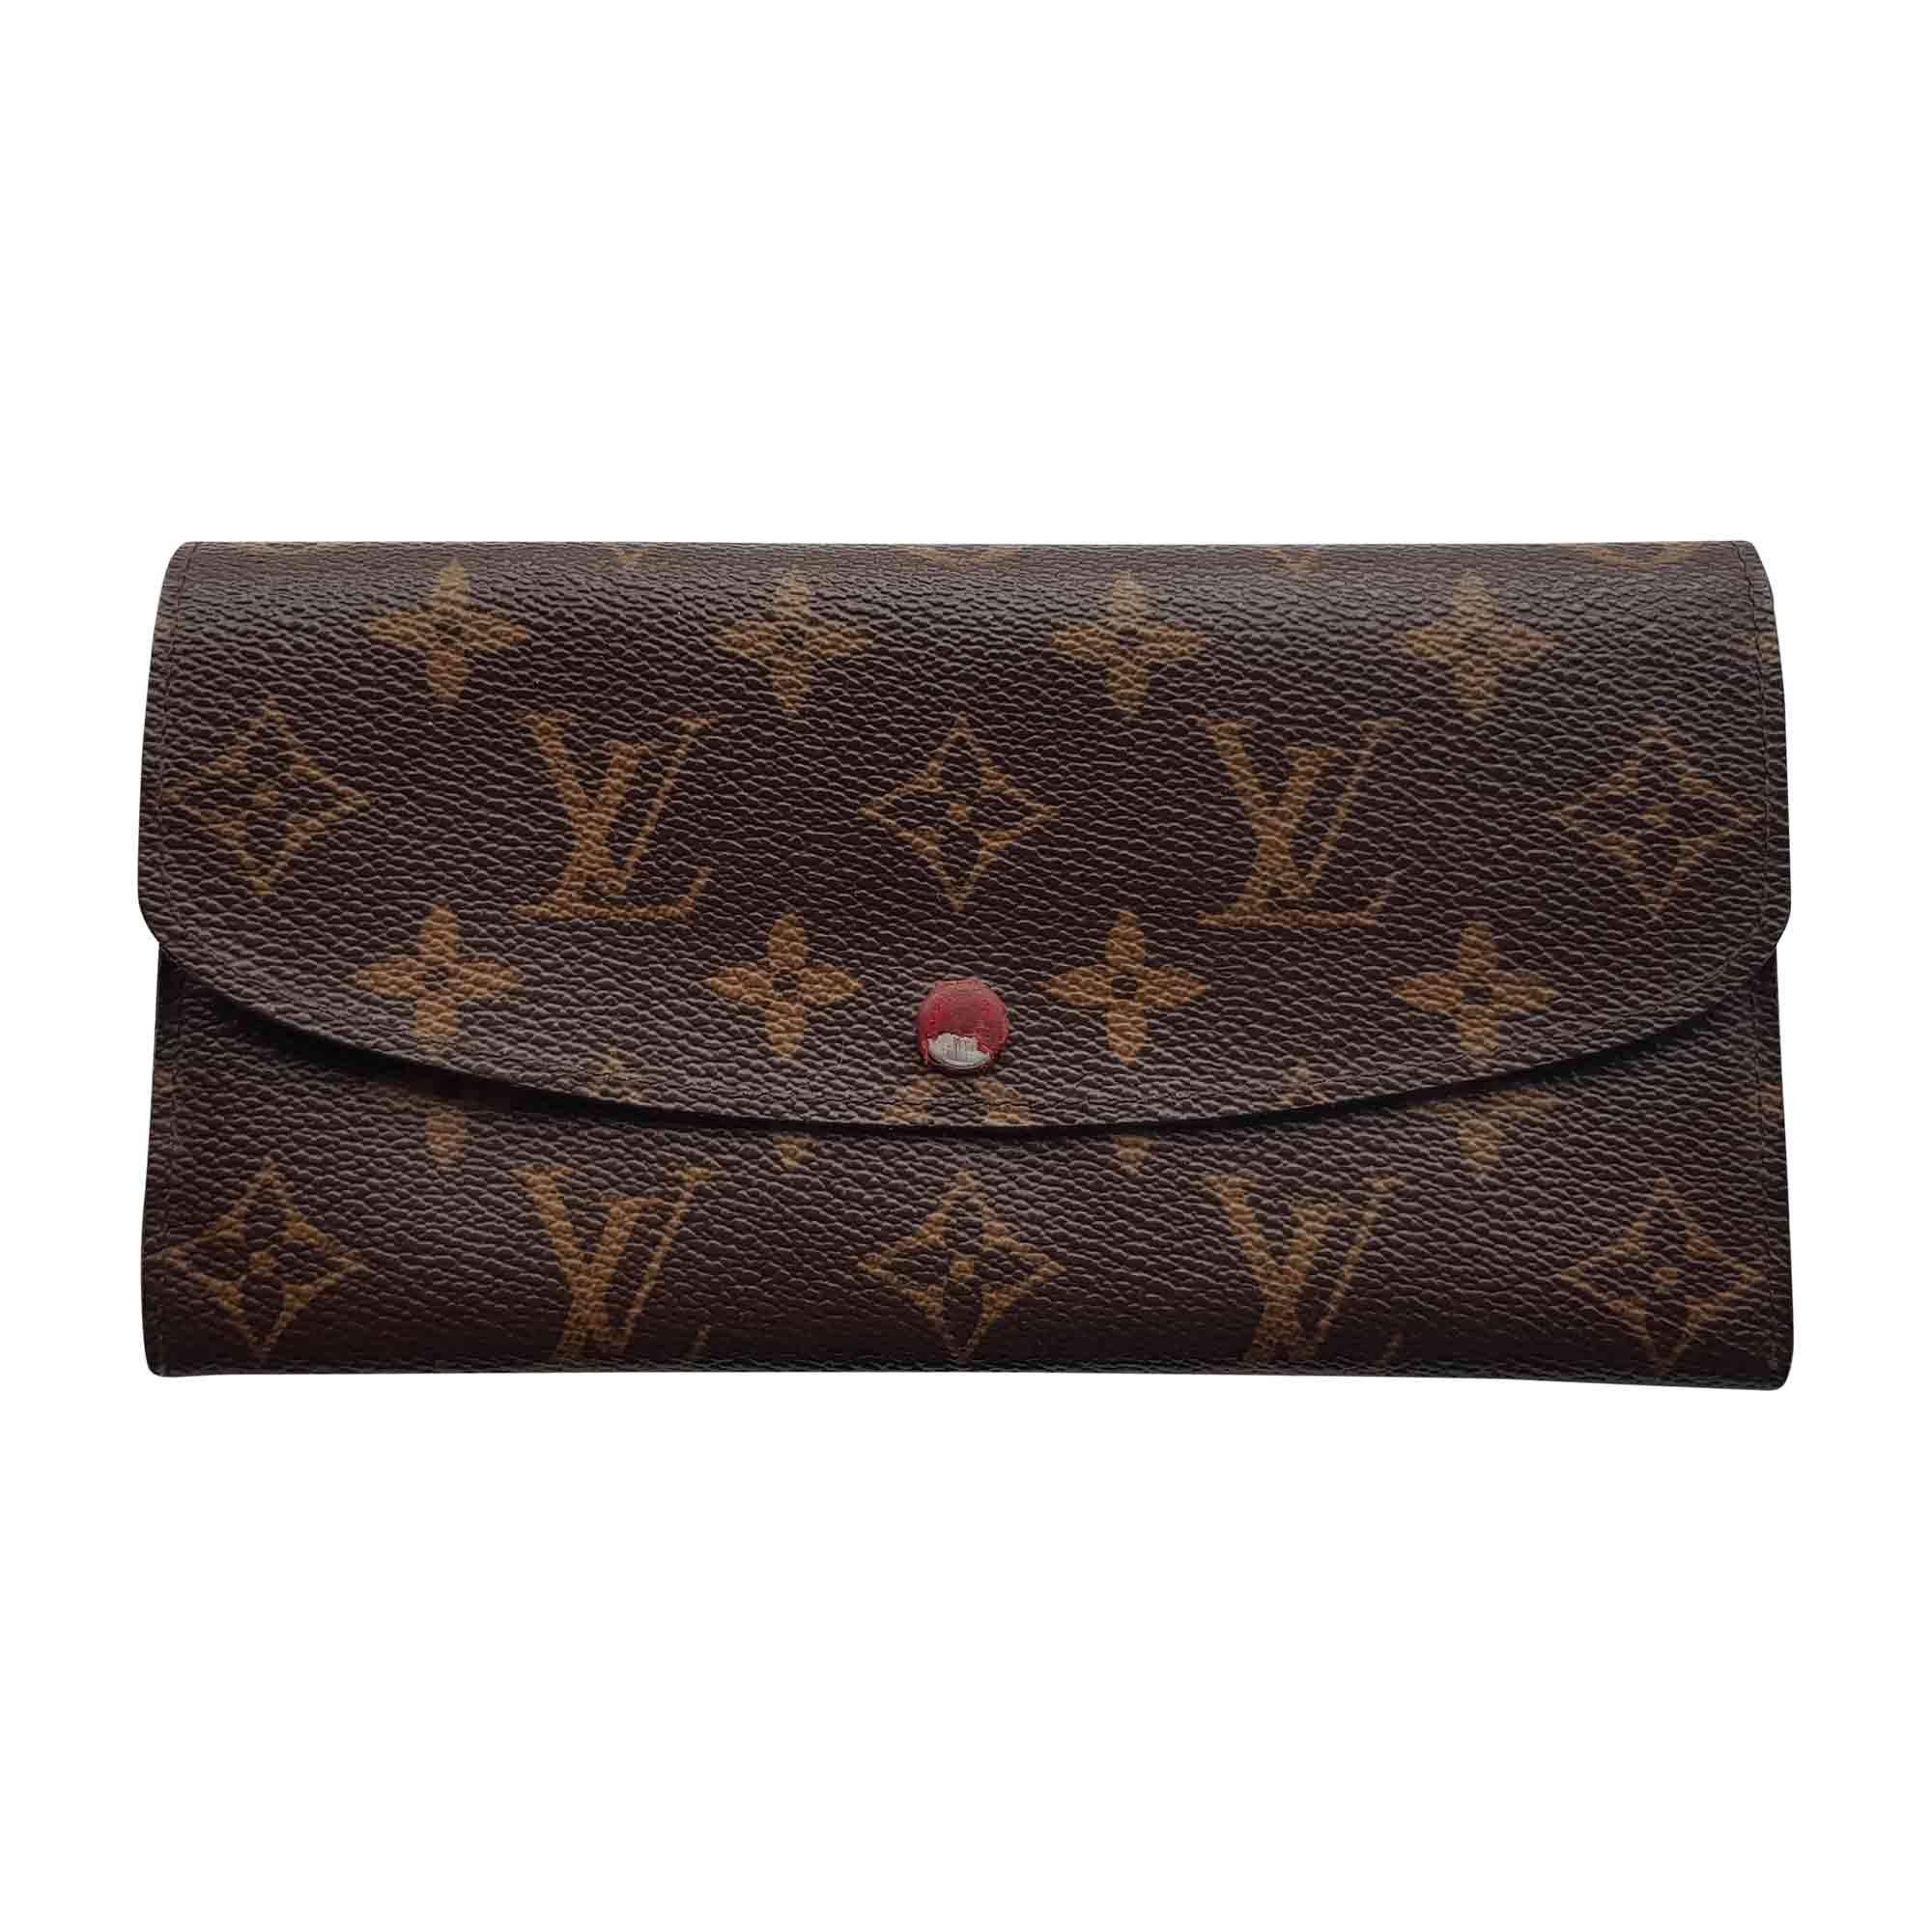 Portefeuille LOUIS VUITTON emilie monogram vendu par Destockdress ... c82b86ad6eb